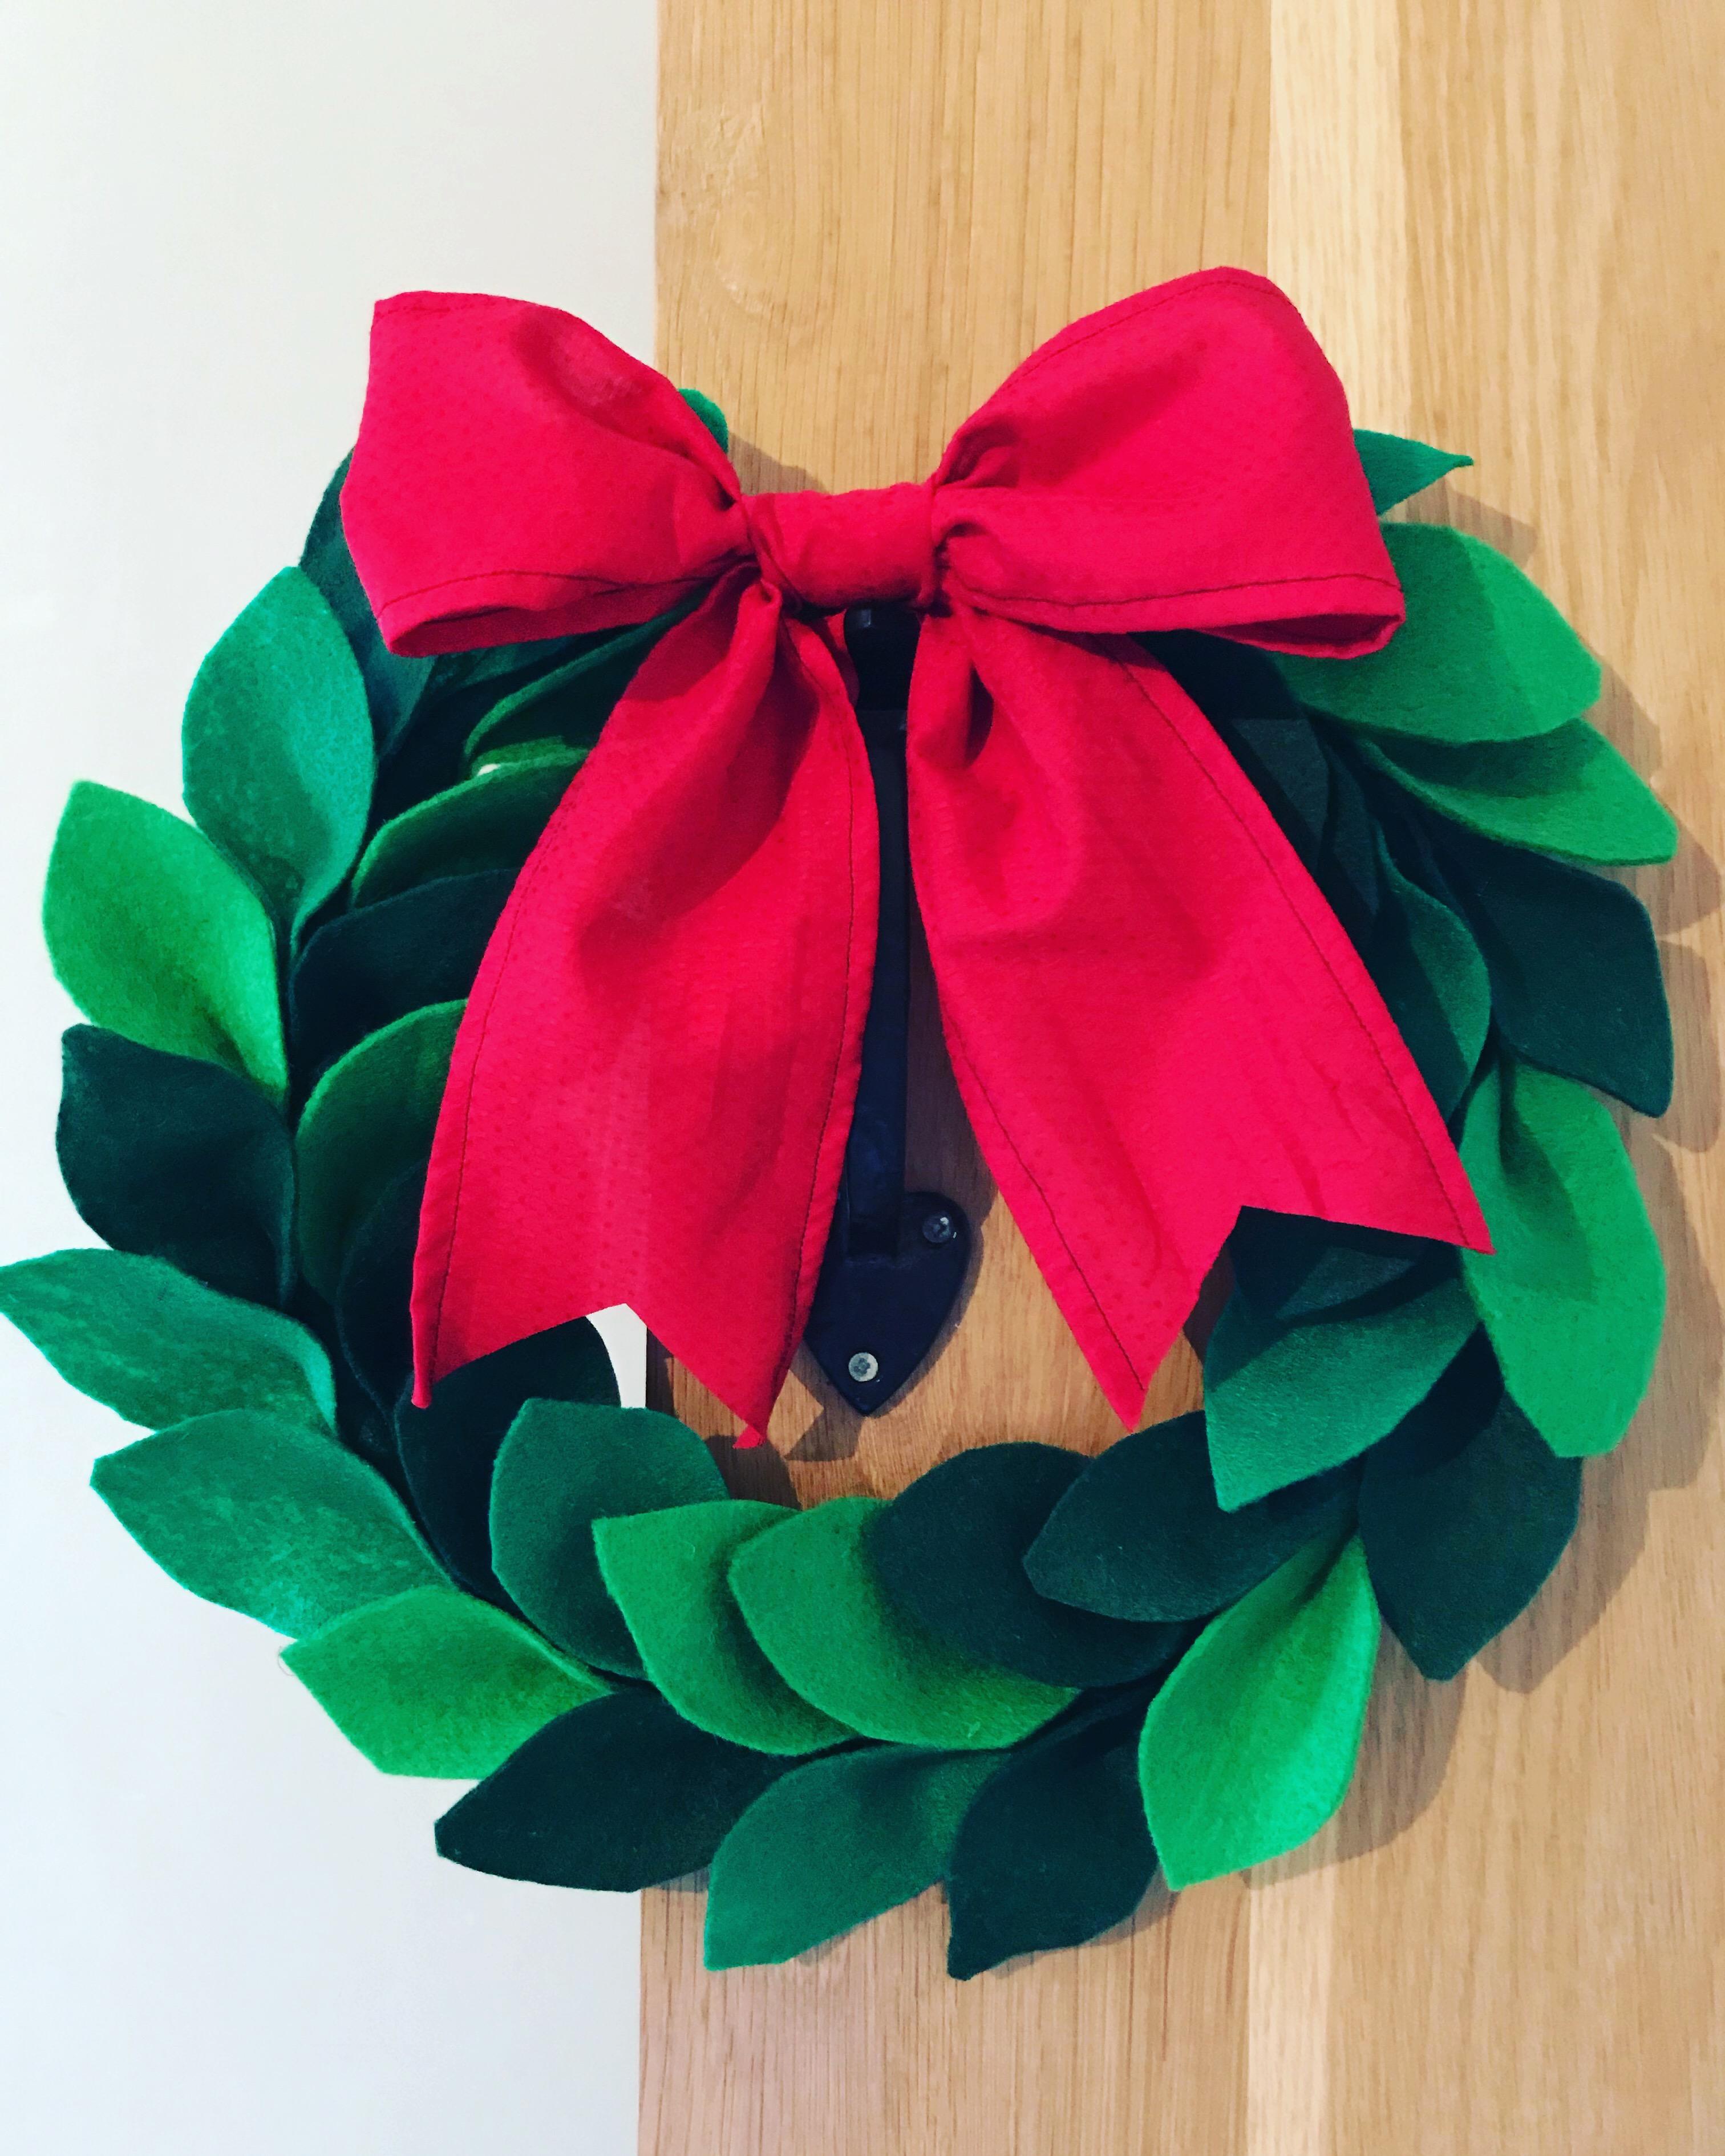 Felt Christmas wreath